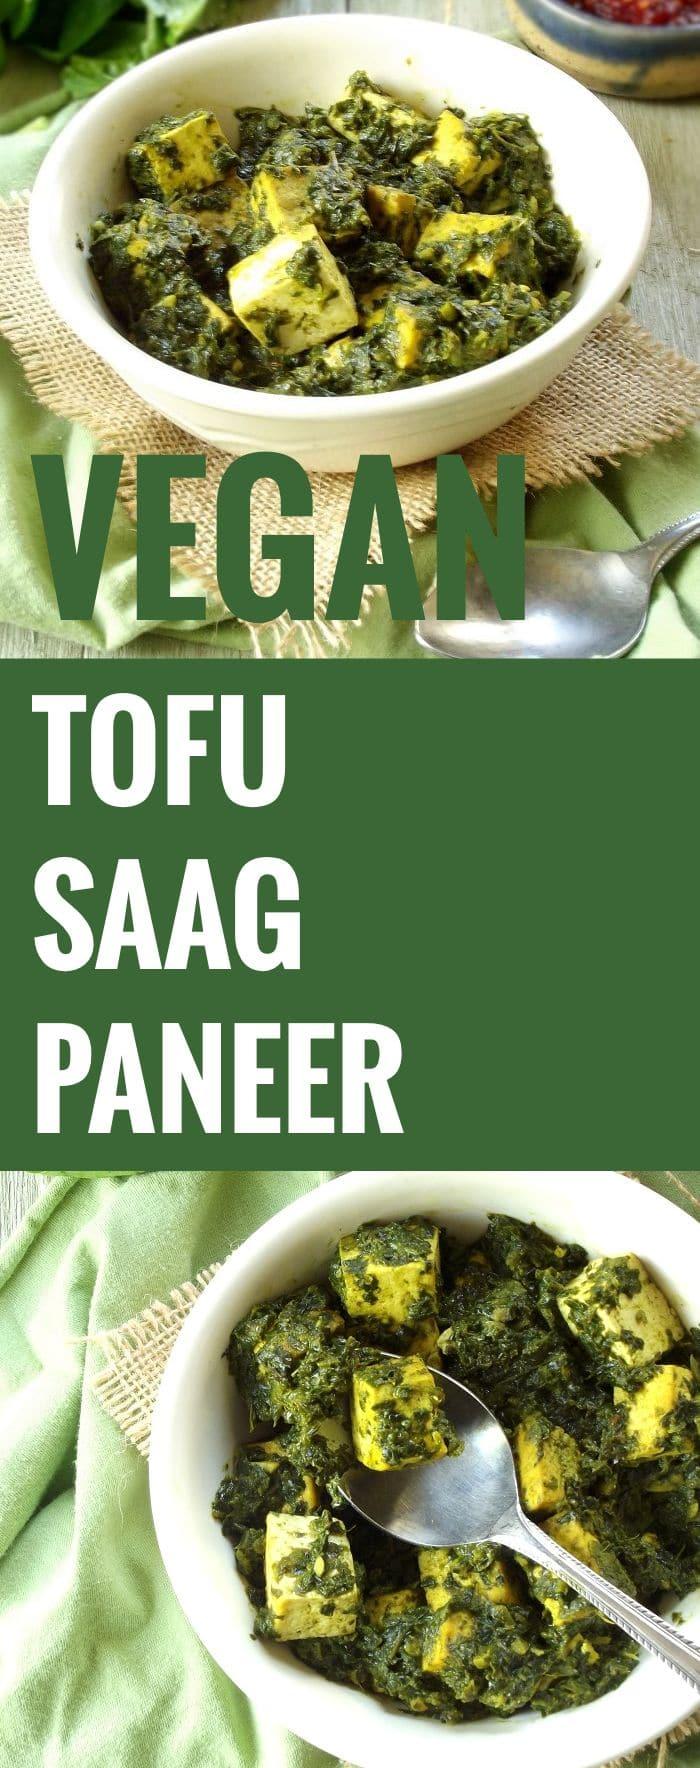 Vegan Tofu Saag Paneer - Connoisseurus Veg